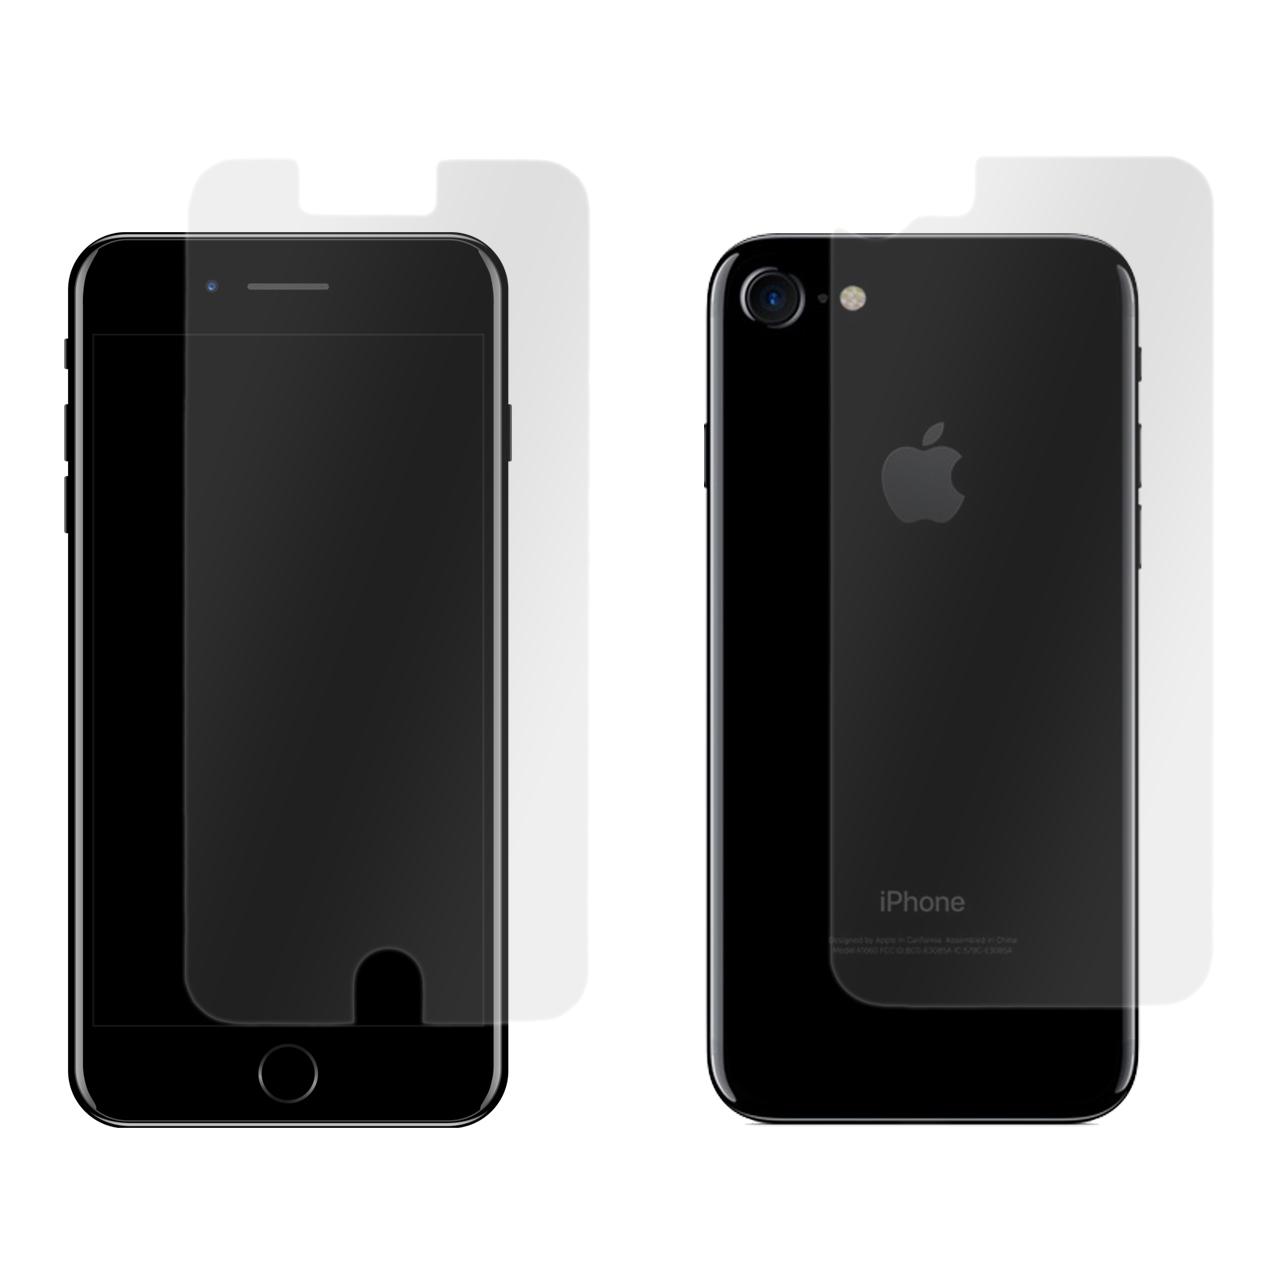 محافظ صفحه نمایش و پشت گوشی بست سوییت کد D-0 مناسب برای گوشی موبایل اپل iPhone 6 / 6S